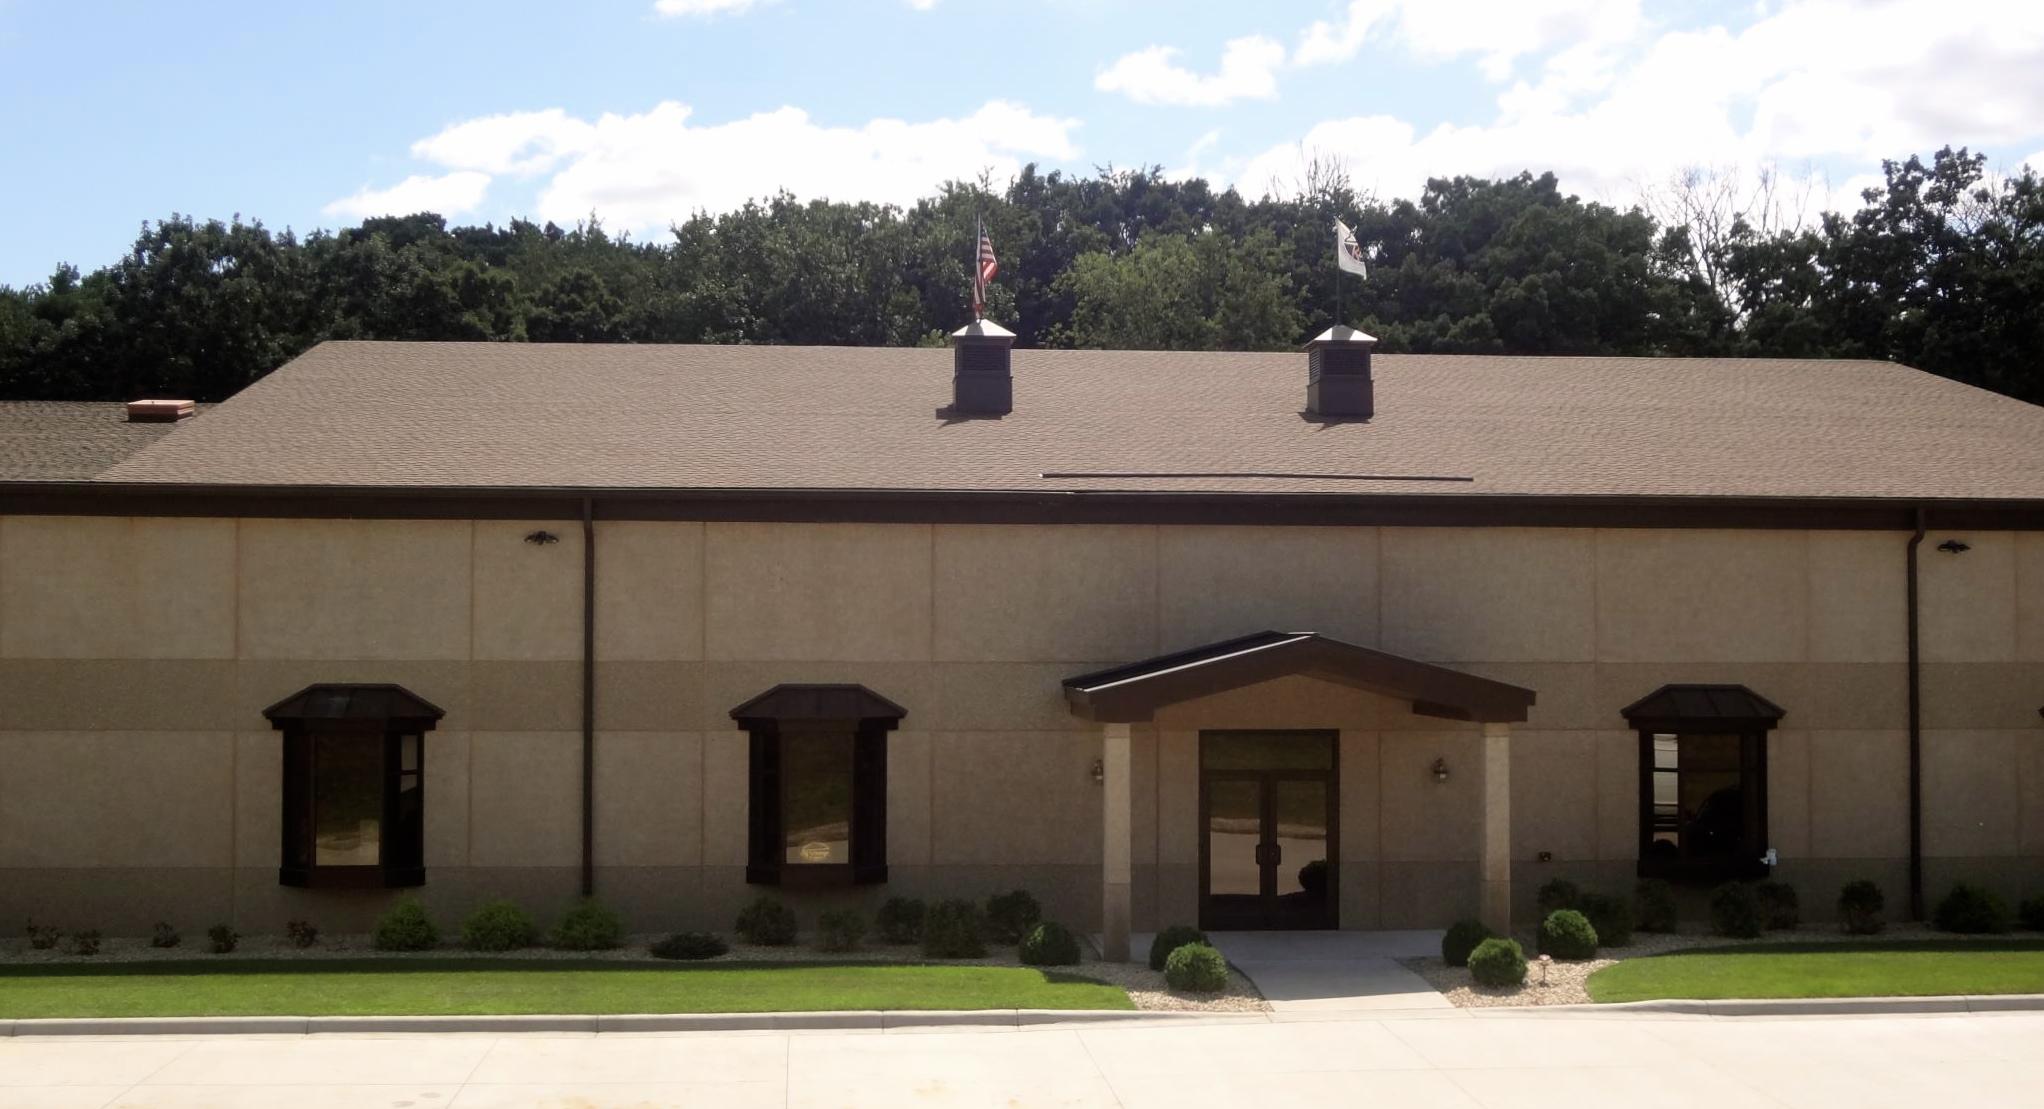 Klamm Mechanical Contractor's Inc.